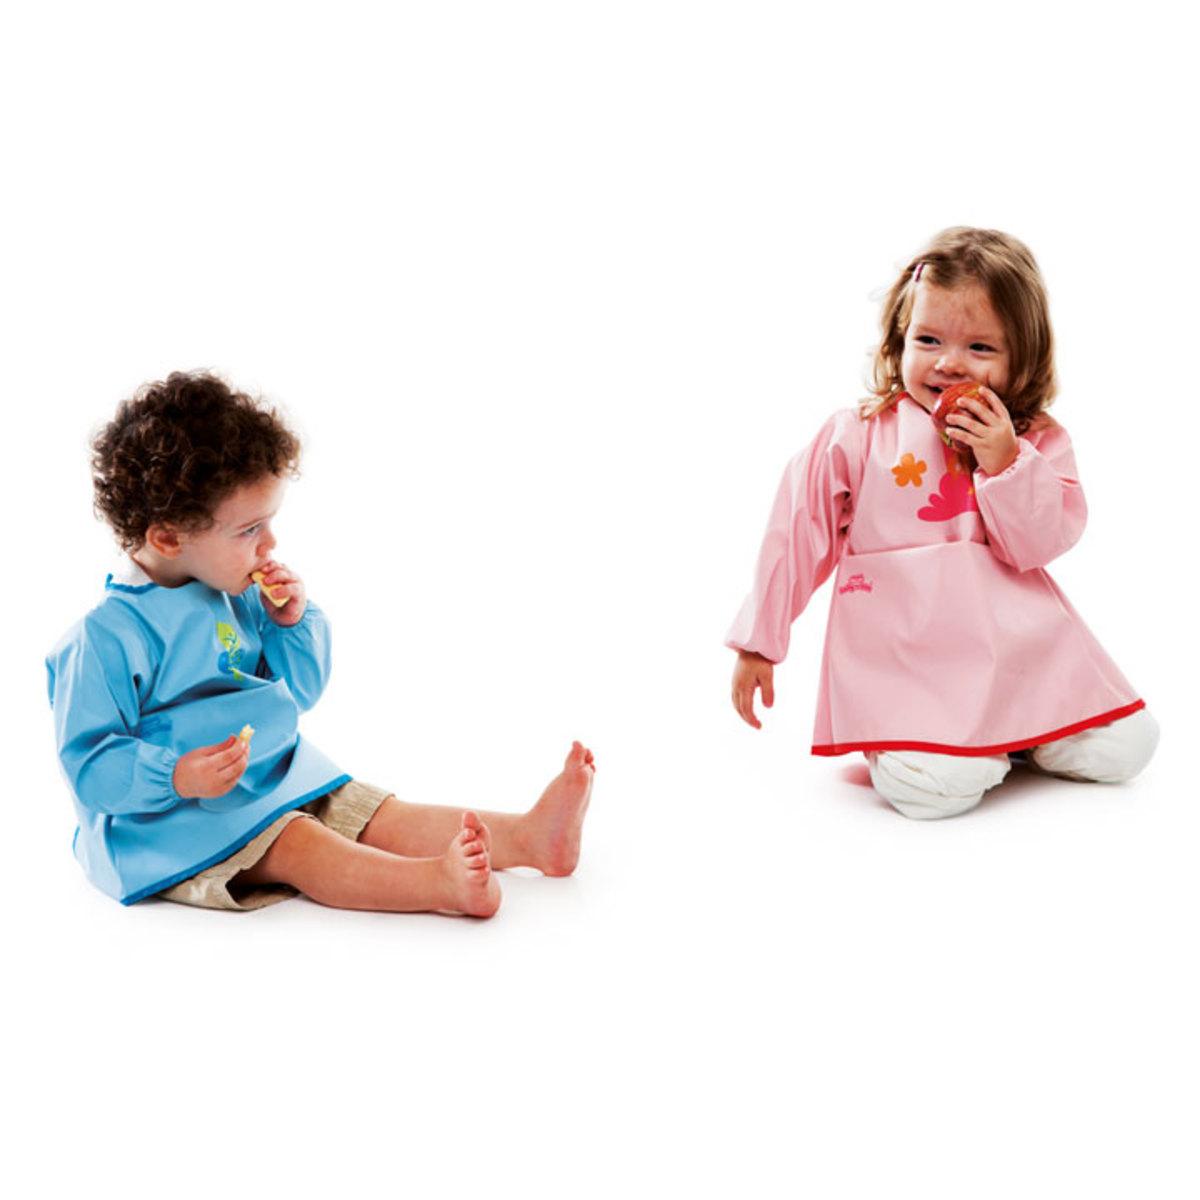 babytolove tablier bavoir bleu bavoir babytolove sur l 39 armoire de b b. Black Bedroom Furniture Sets. Home Design Ideas